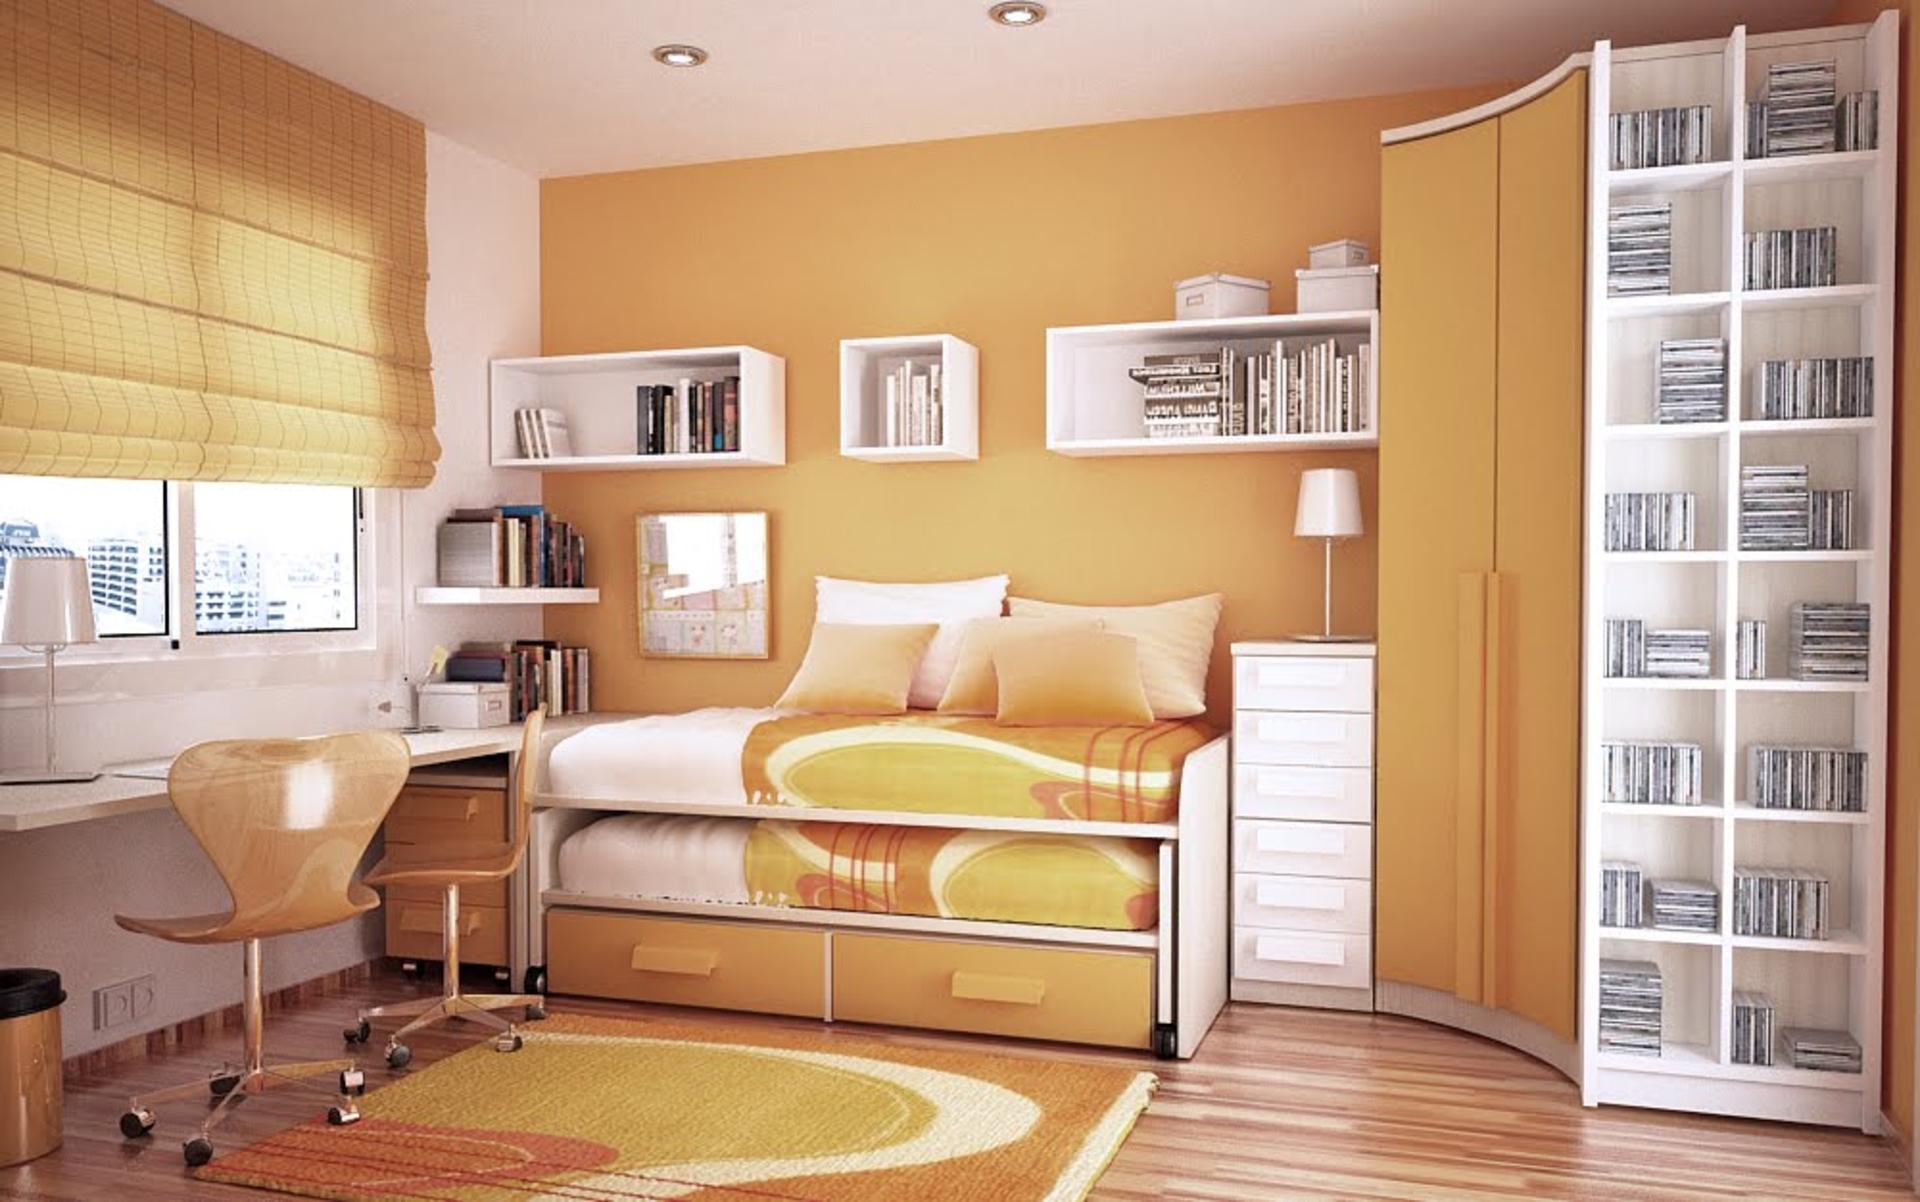 Фото дизайна комнат маленькой площади